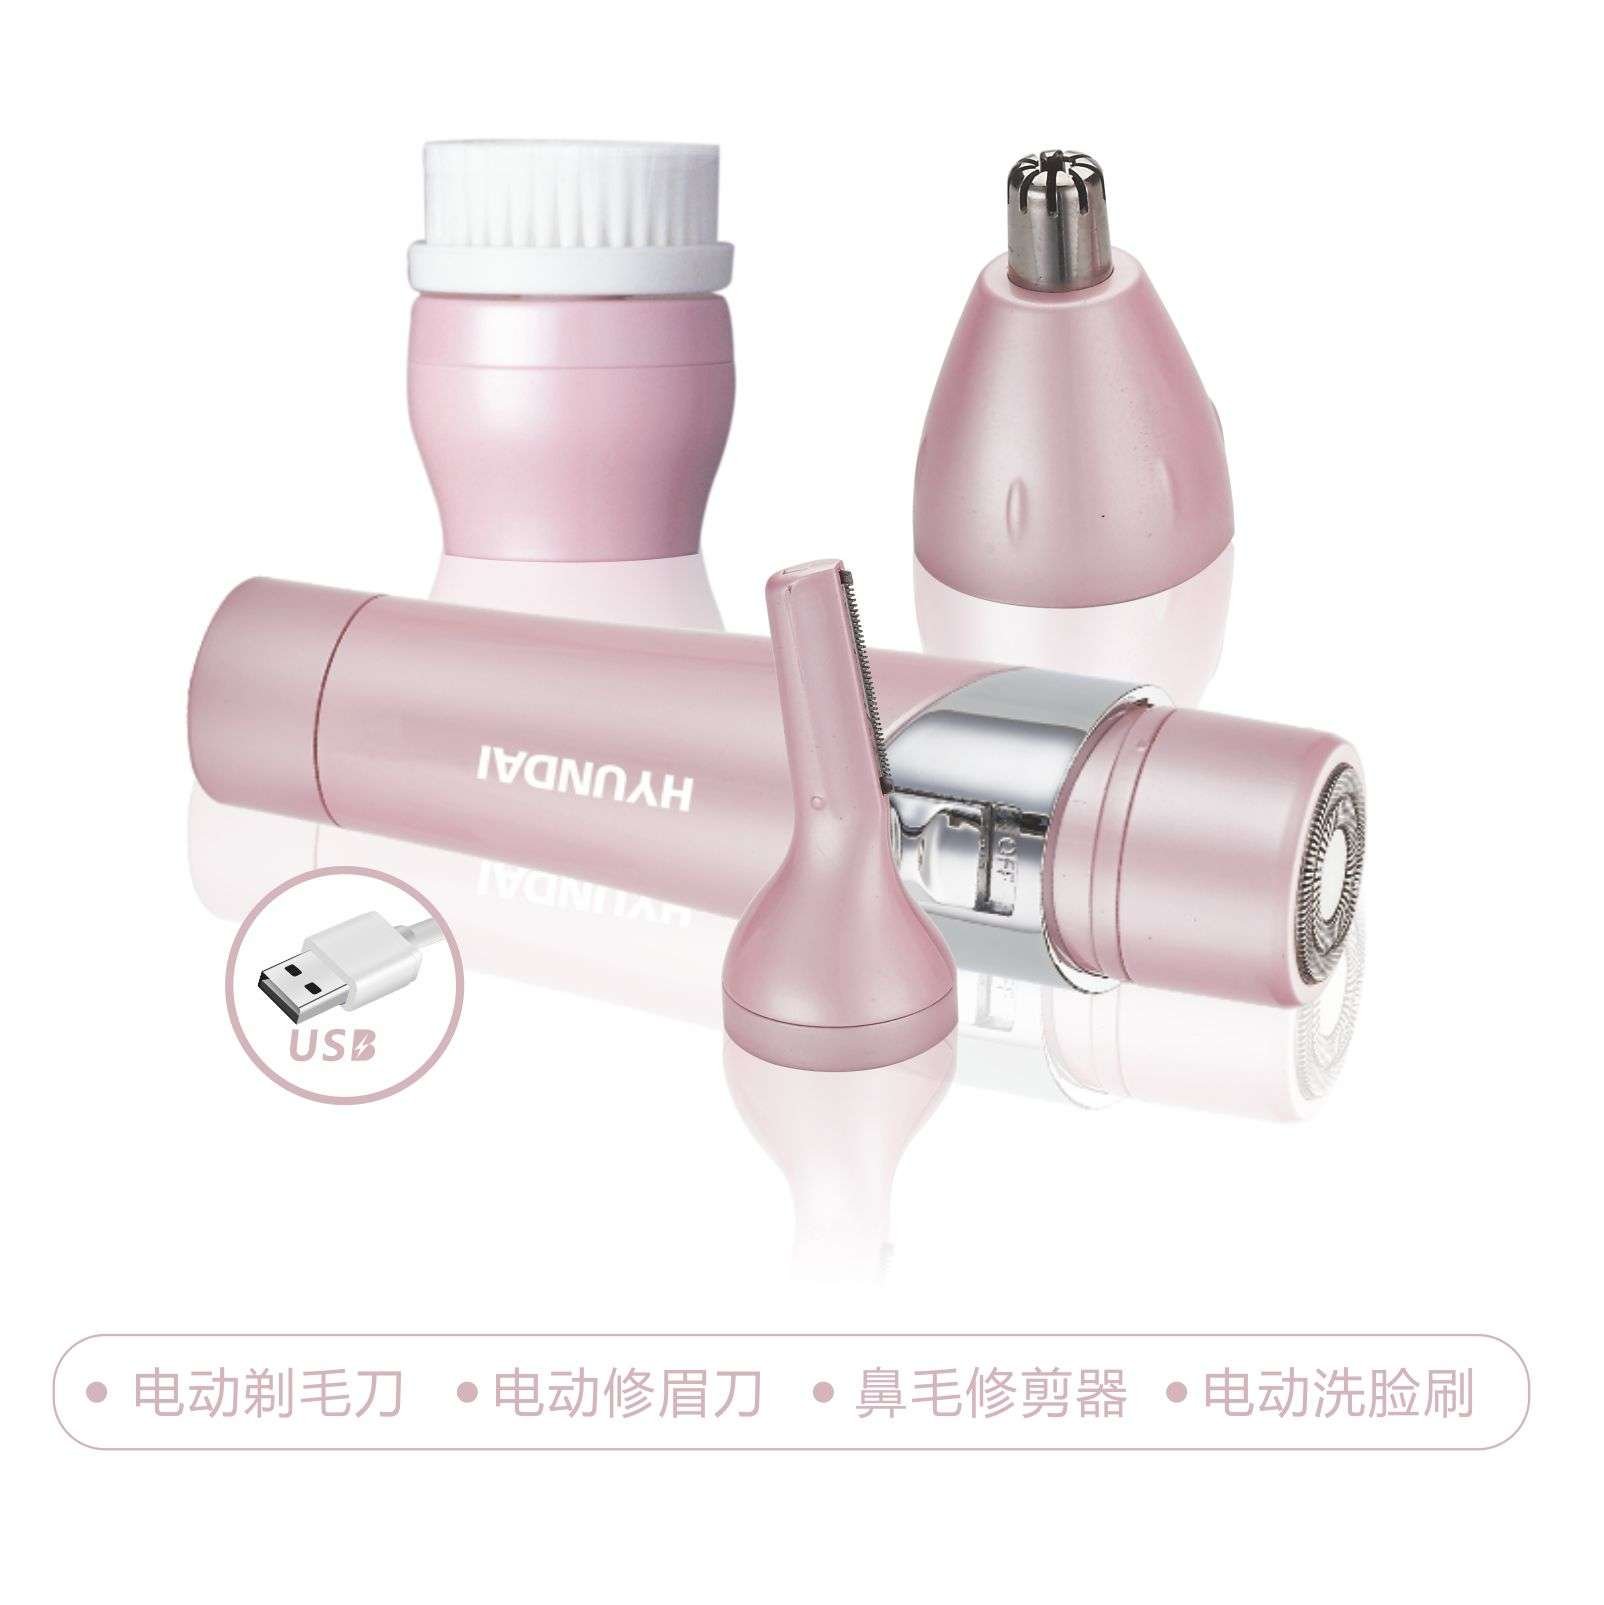 HYUNDAI韩国现代多功能护理套装YM100A